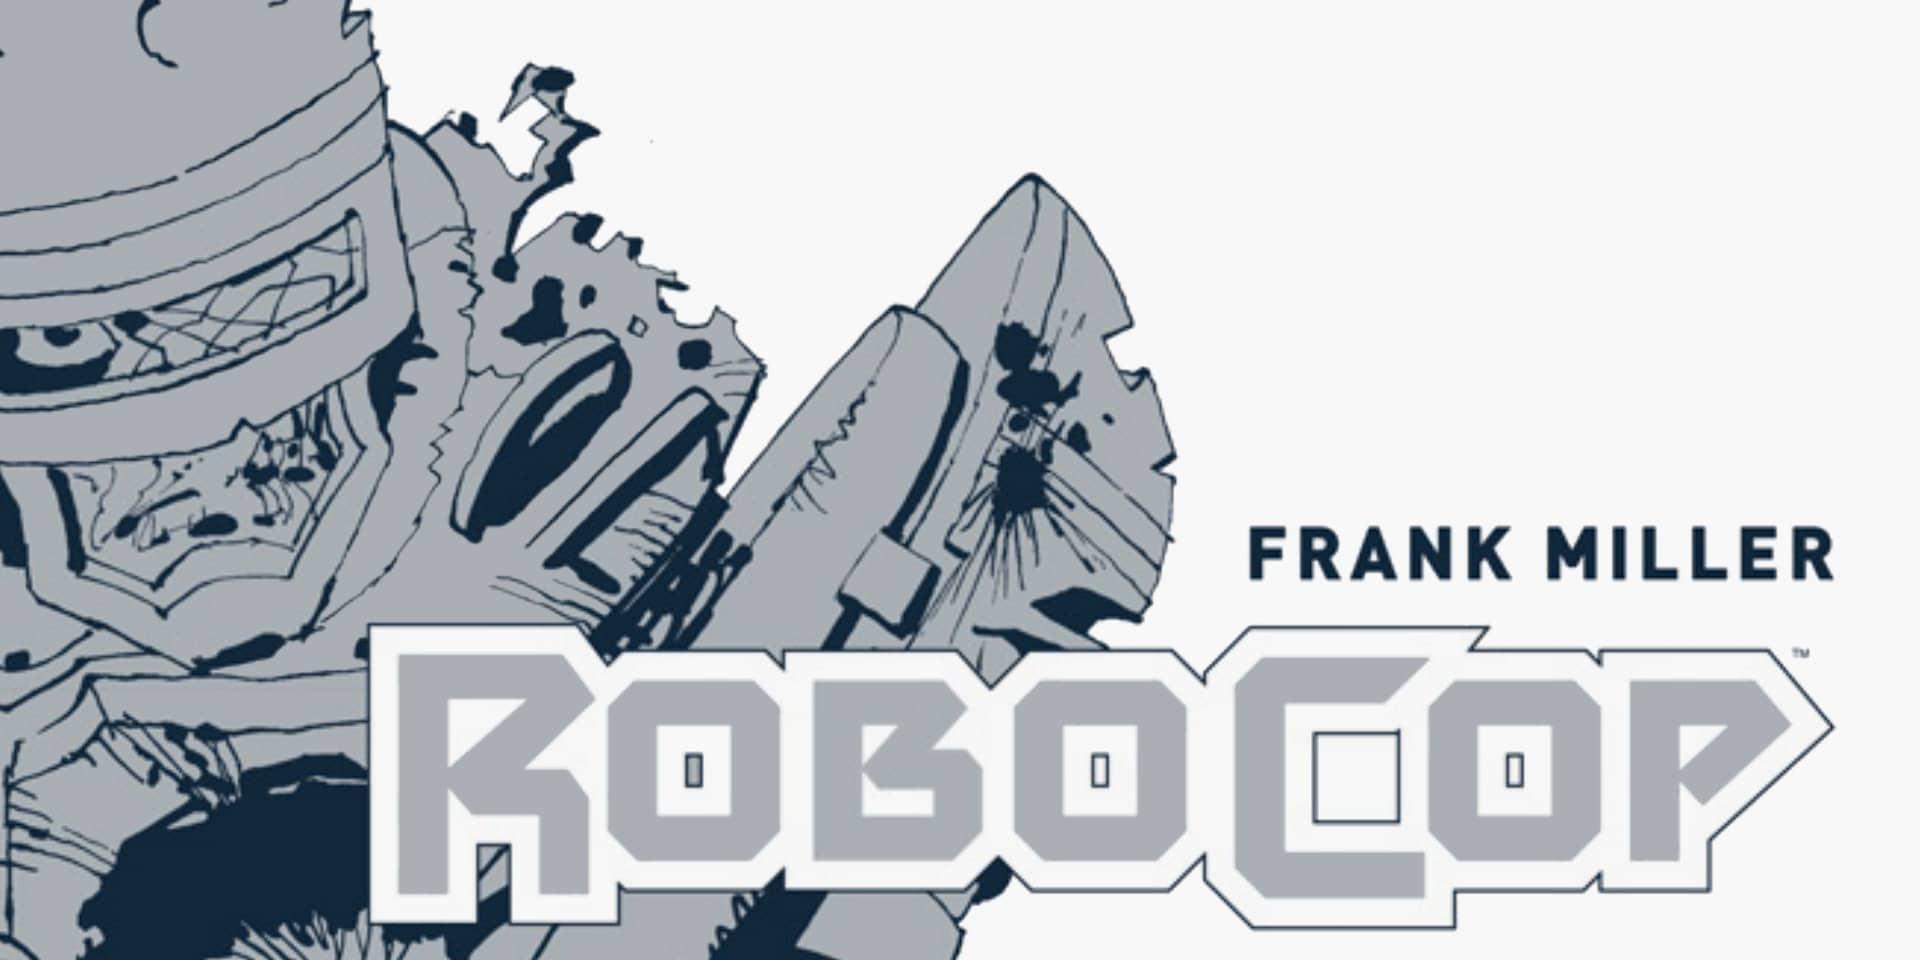 Frank Miller Robocop – Edizione Definitiva, il volume con le sceneggiature di Miller thumbnail